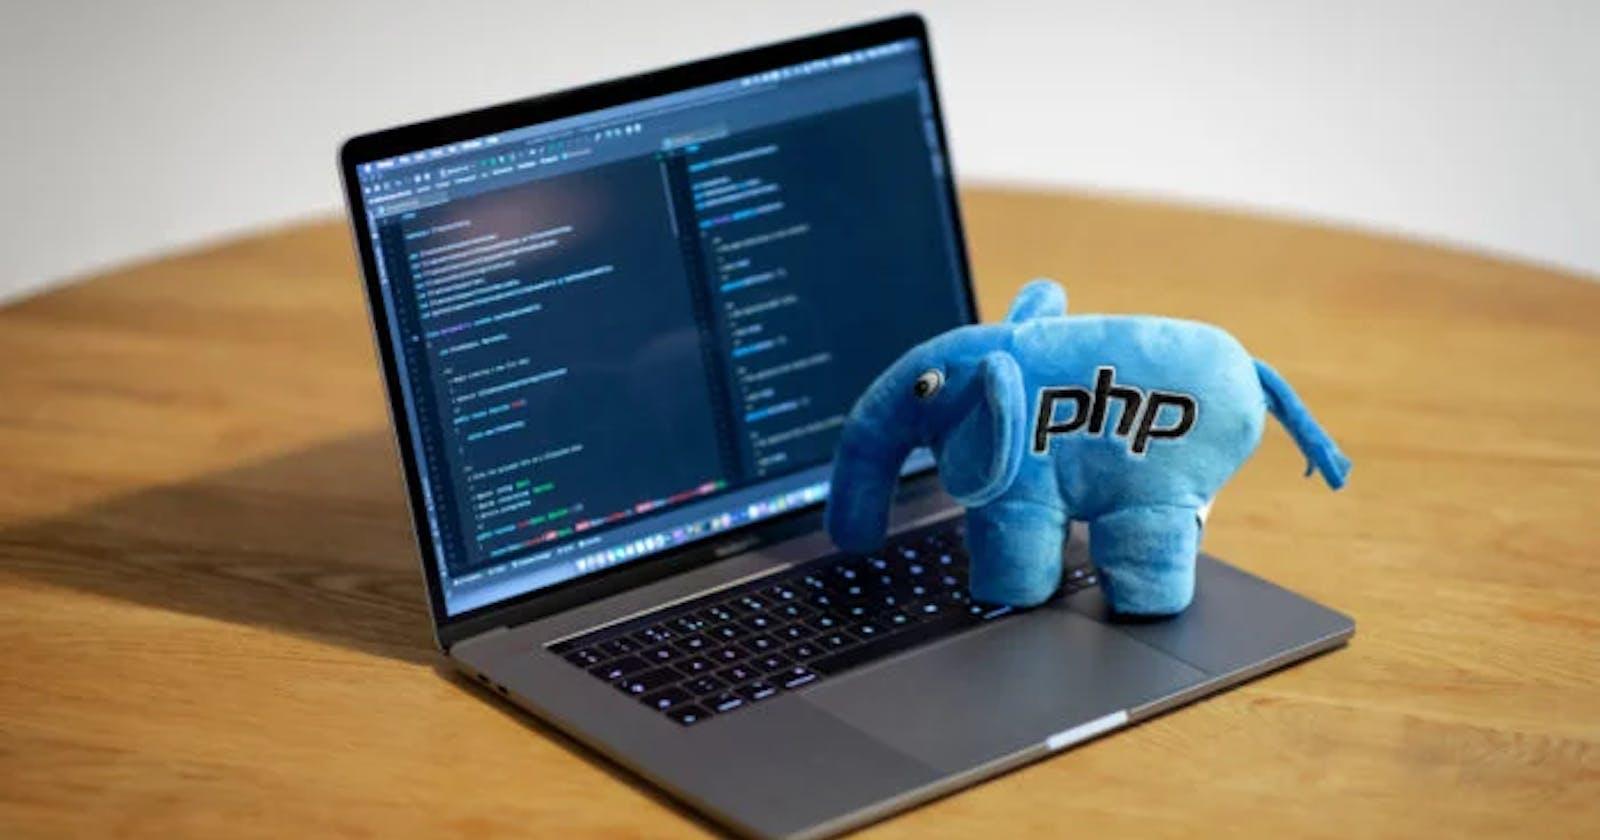 Guia PHP #2 - Grandes Empresas Usam?